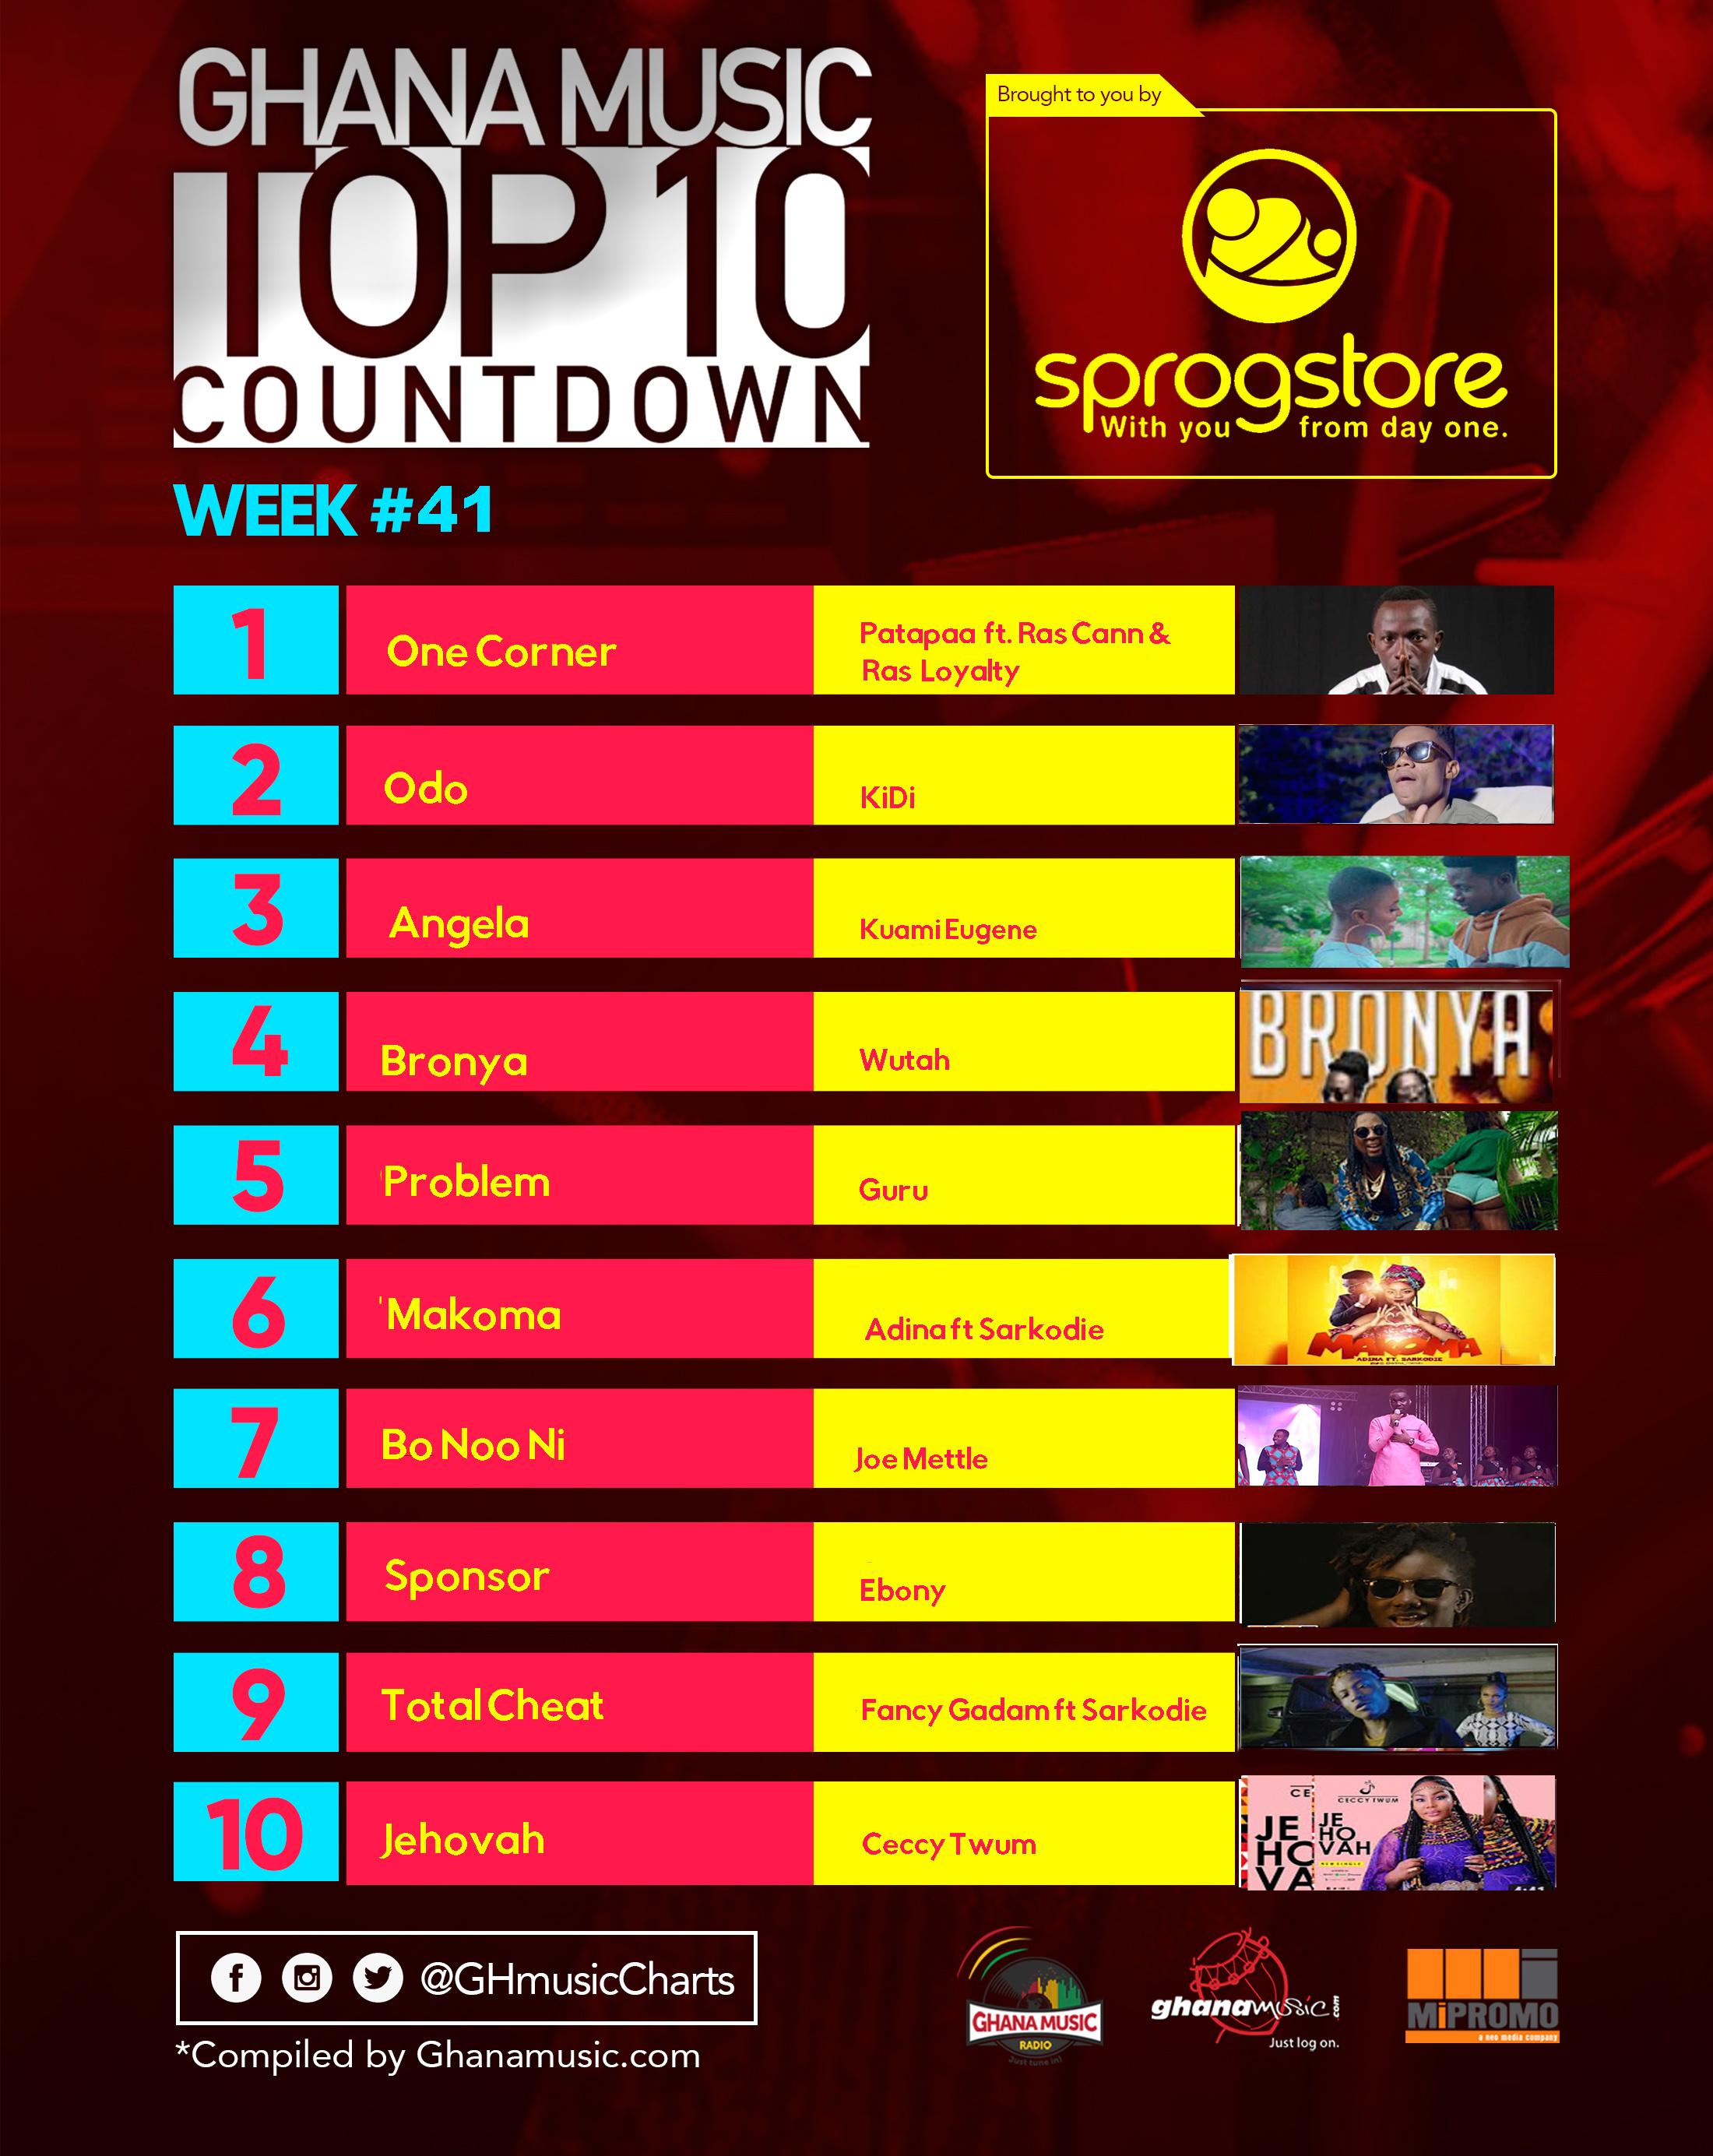 Week #41: Week ending Saturday, October 14th, 2017. Ghana Music Top 10 Countdown.